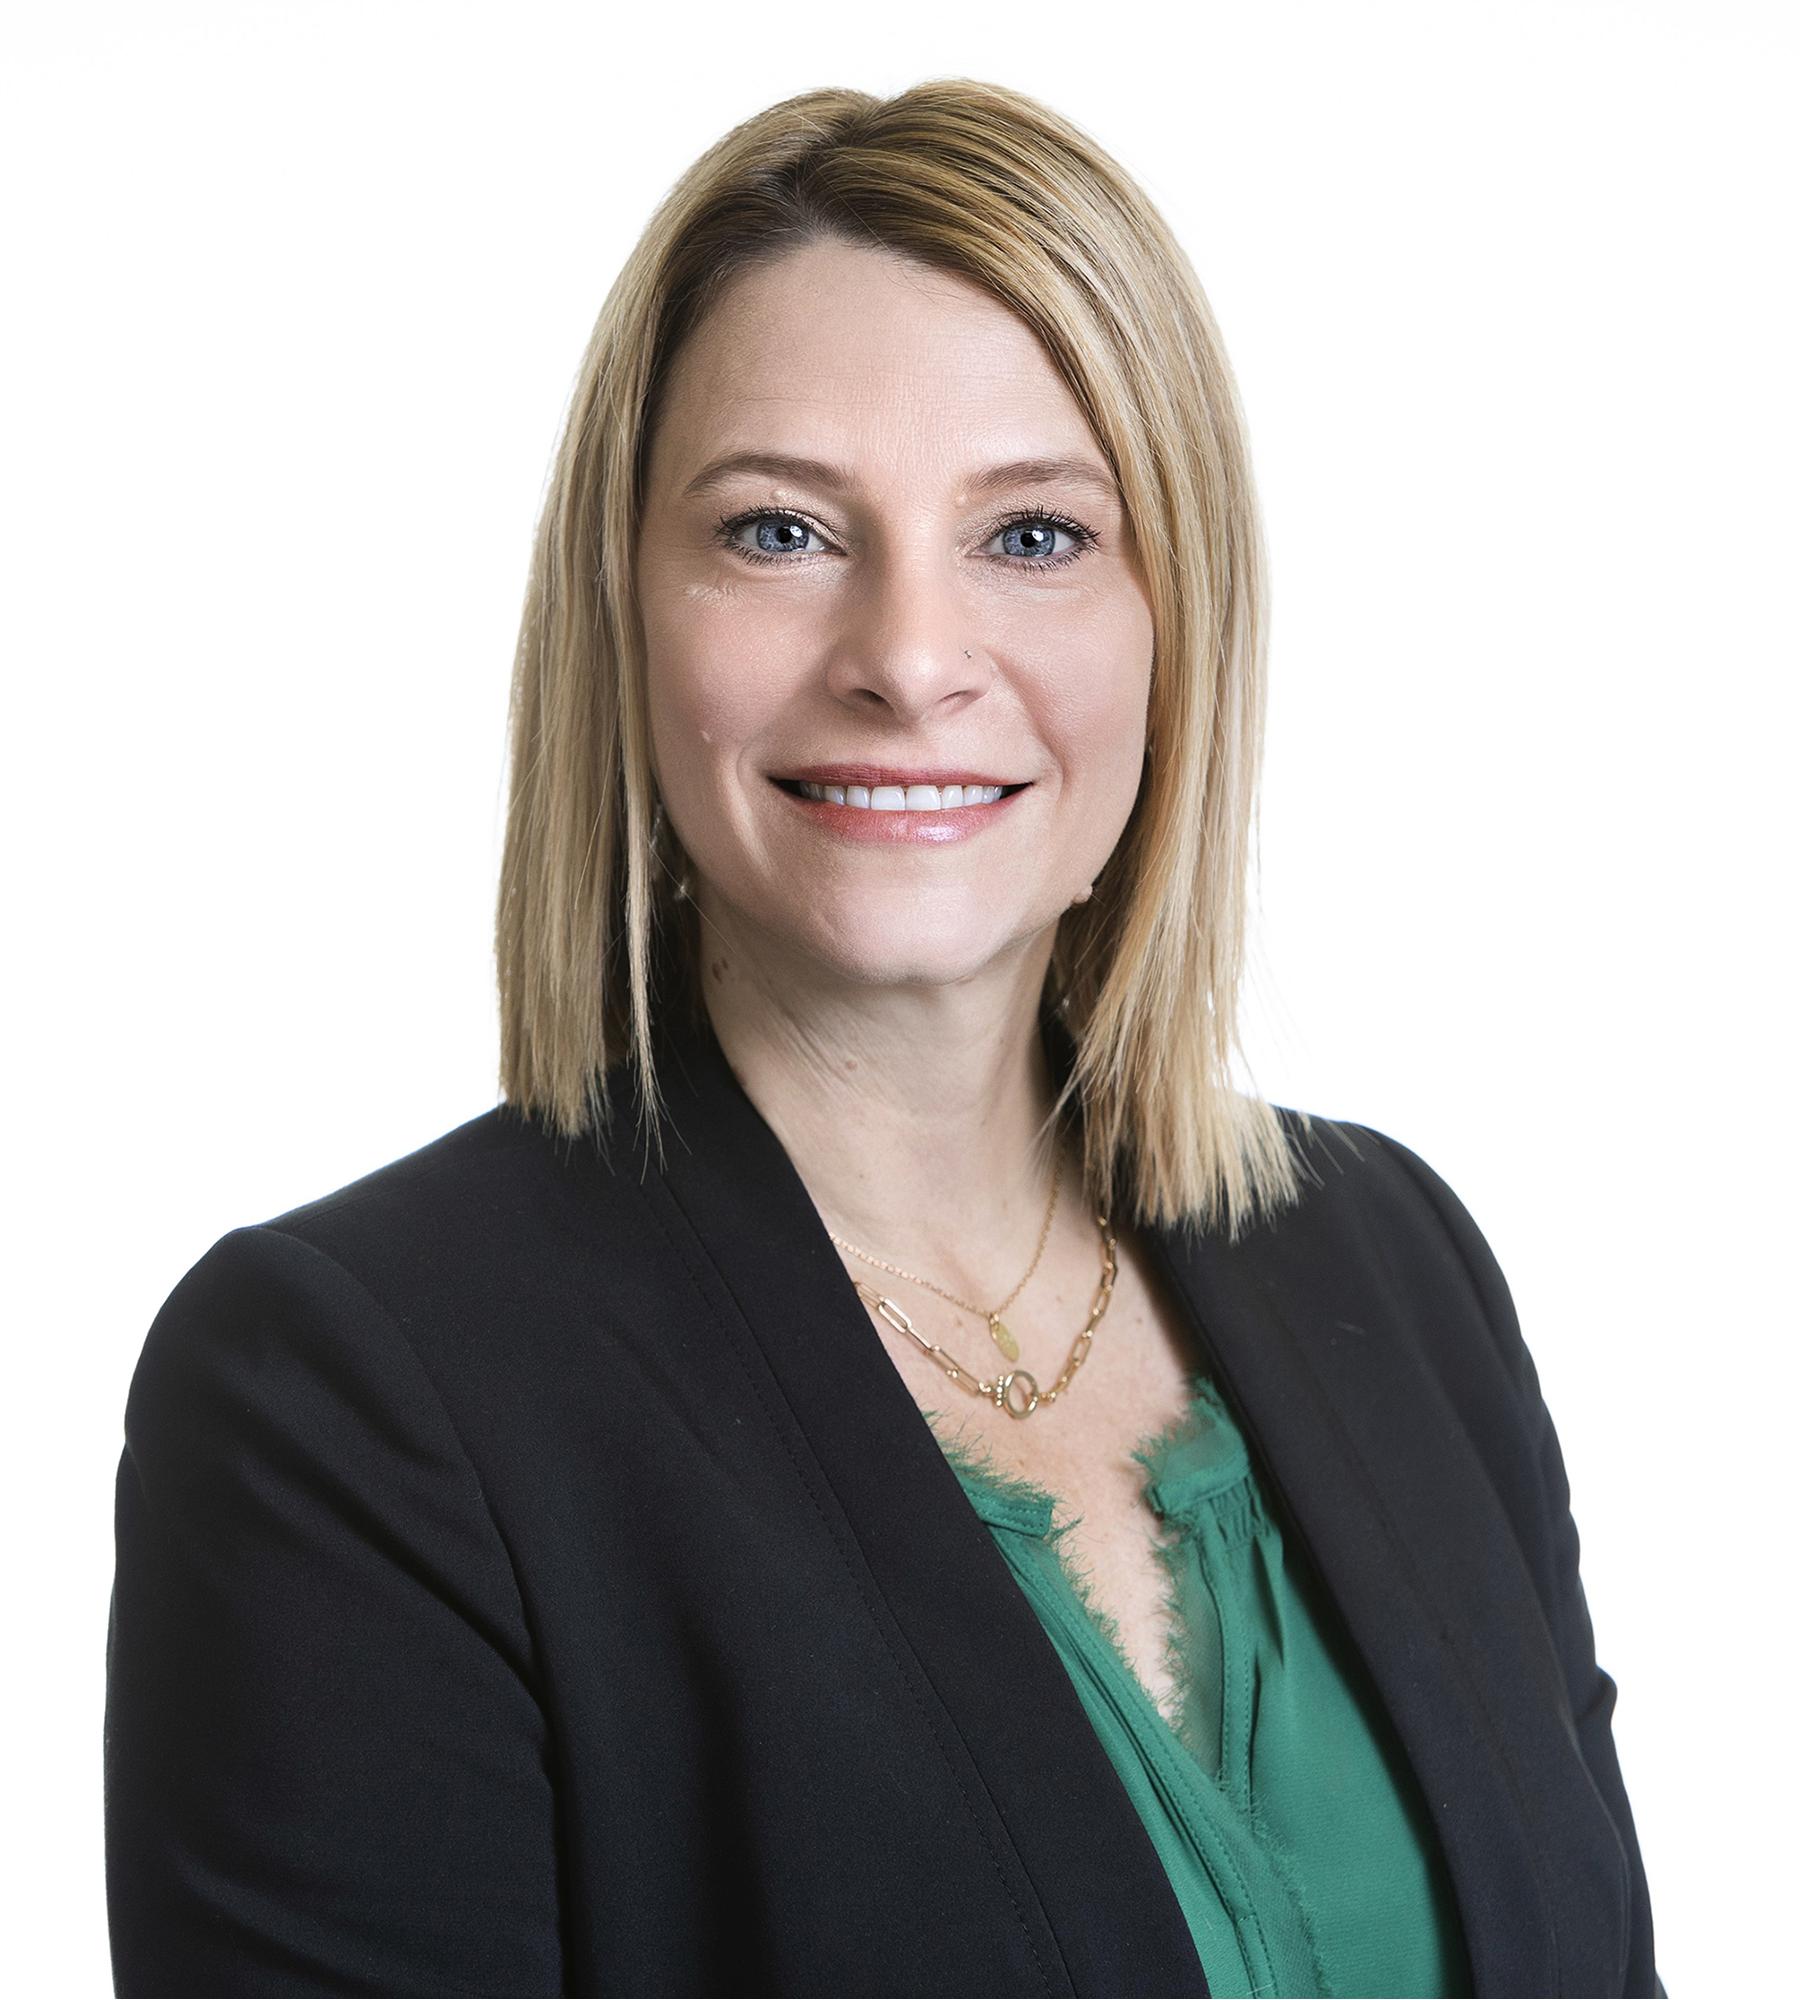 Christie Nichols, Client Executive